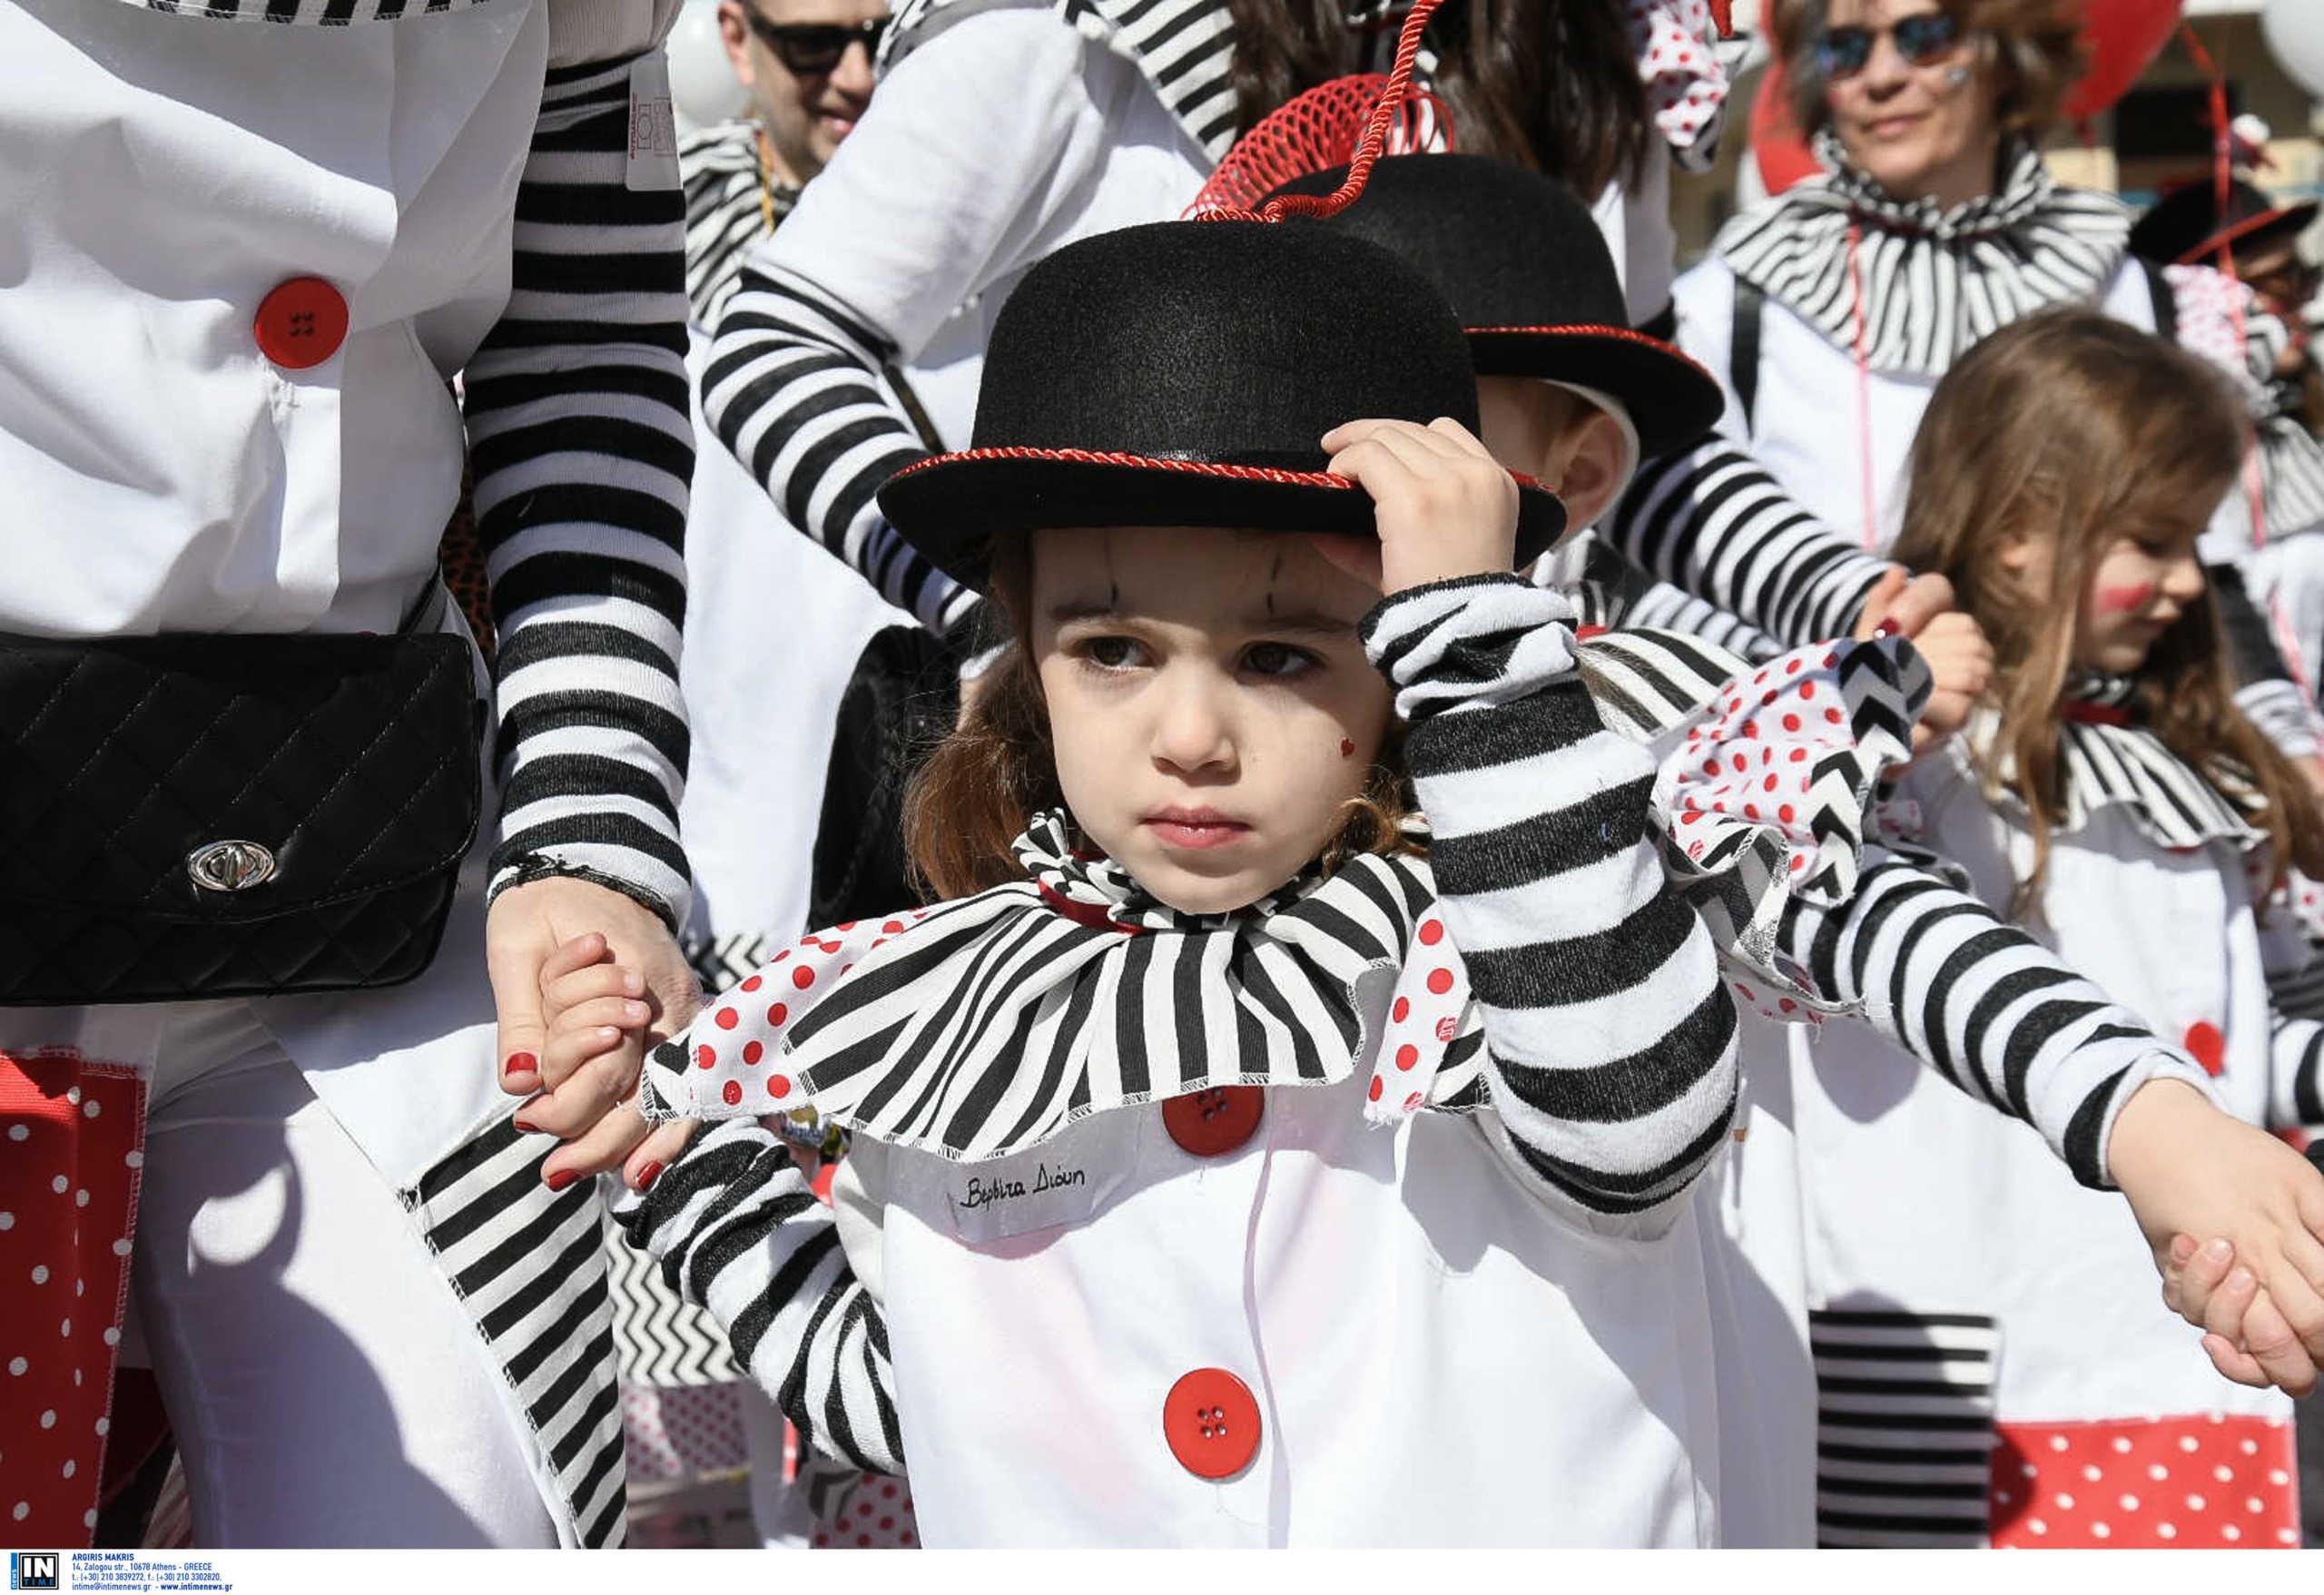 Πατρινό Καρναβάλι: Πολύχρωμες εικόνες με 14.000 παιδιά! Κέφι, χορός και ευρηματικές στολές (Βίντεο)